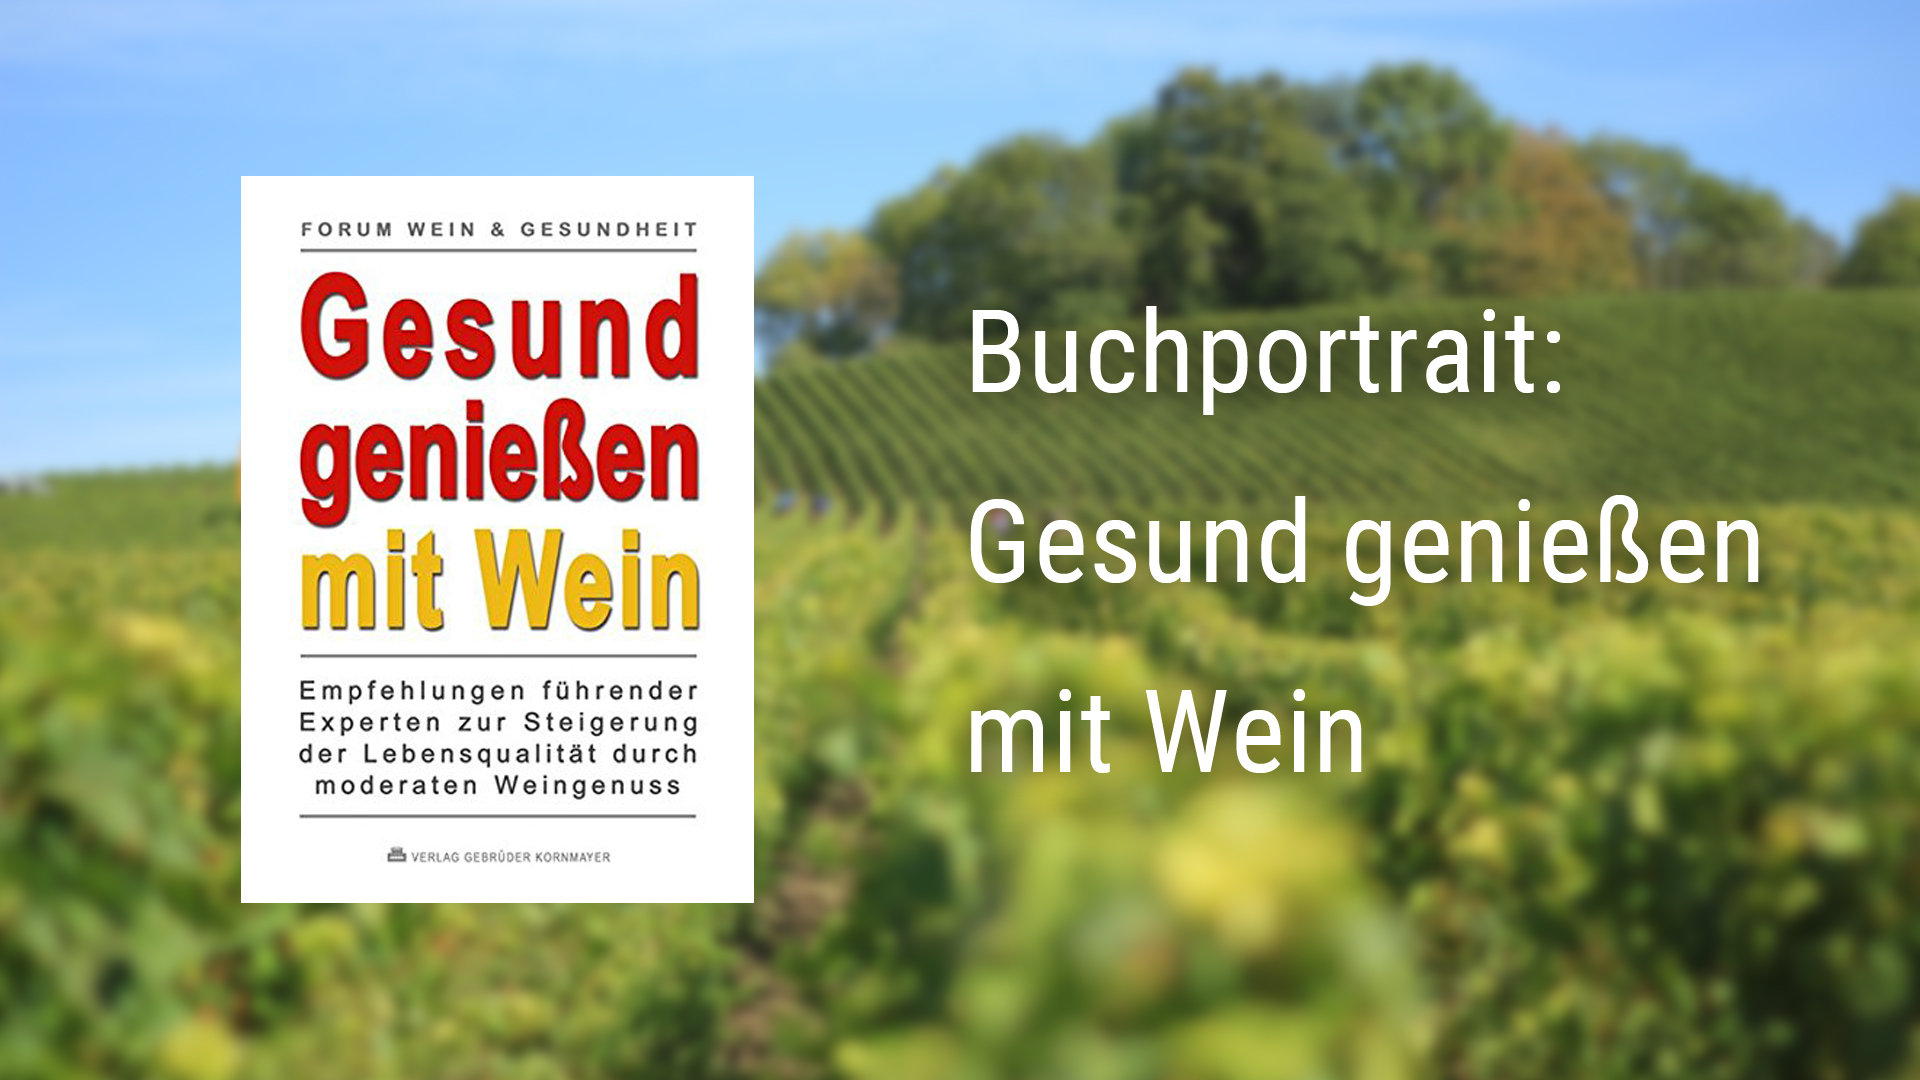 Buchportrait: Gesund genießen mit Wein – Doris Goedecker im Interview